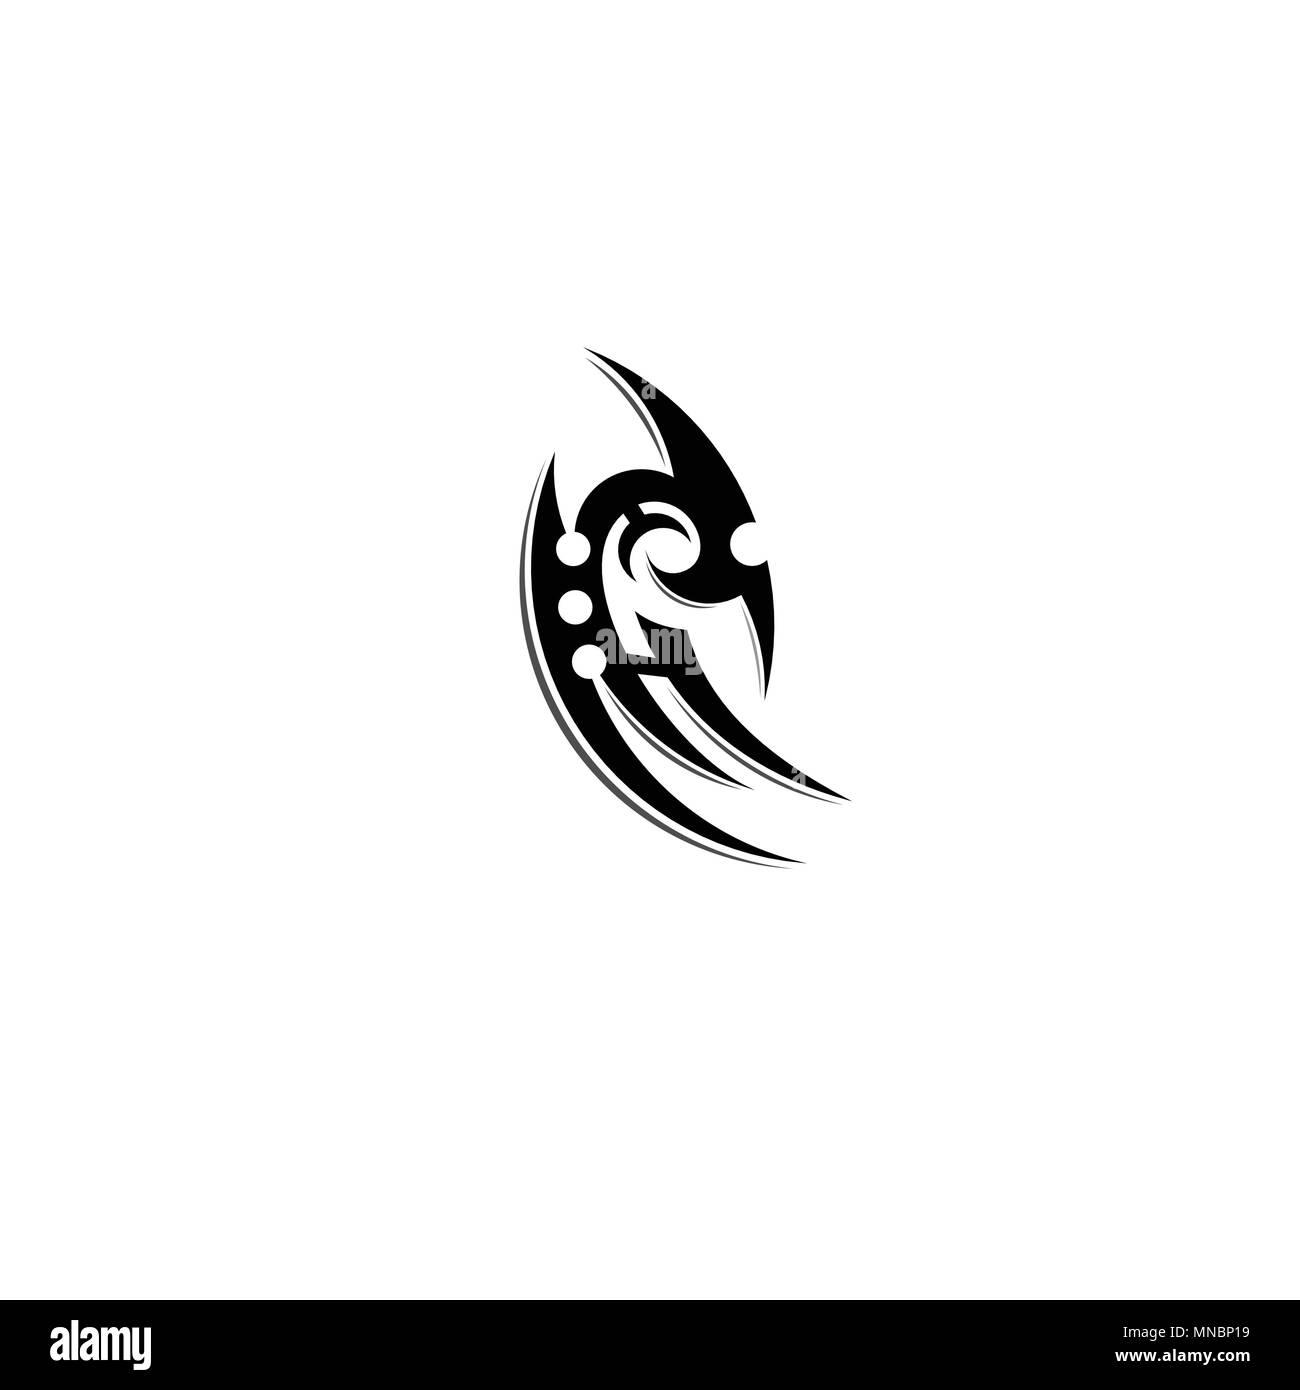 Semplice Design Tatuaggio Tribale Tatuaggio Illustrazione